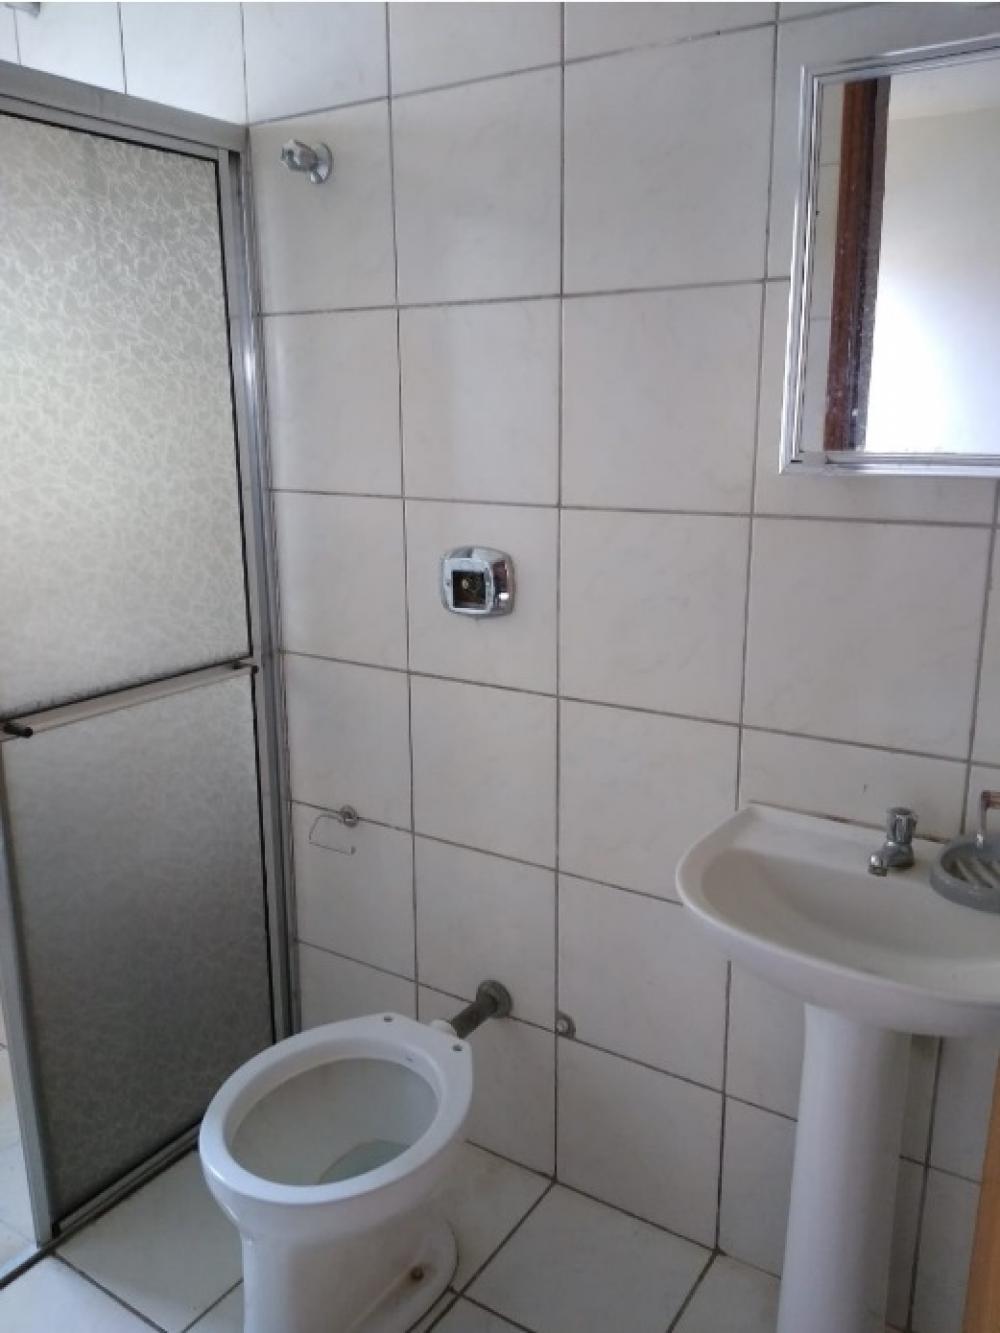 Comprar Apartamento / Padrão em São José do Rio Preto apenas R$ 160.000,00 - Foto 9